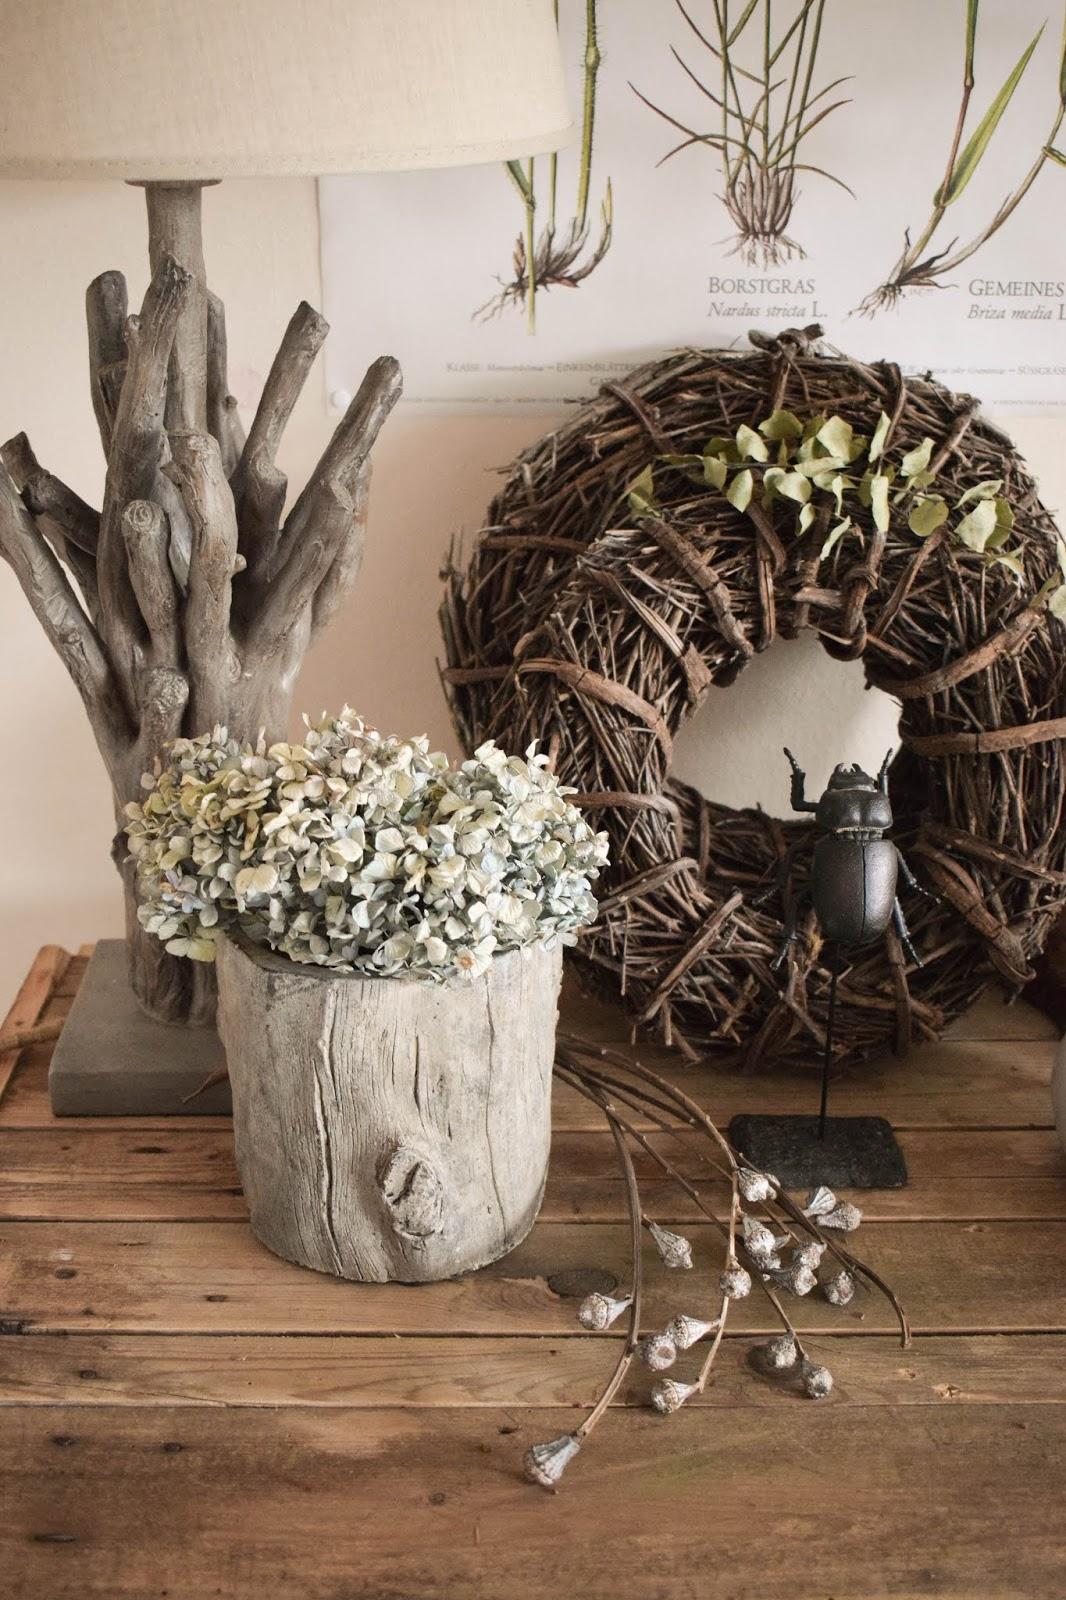 Deko Herbst für Konsole und Sideboard mit Eicheln. Herbstdeko Dekoidee Wohnzimmer Dekoration eiche eicheln botanisch natuerlich dekorieren 5